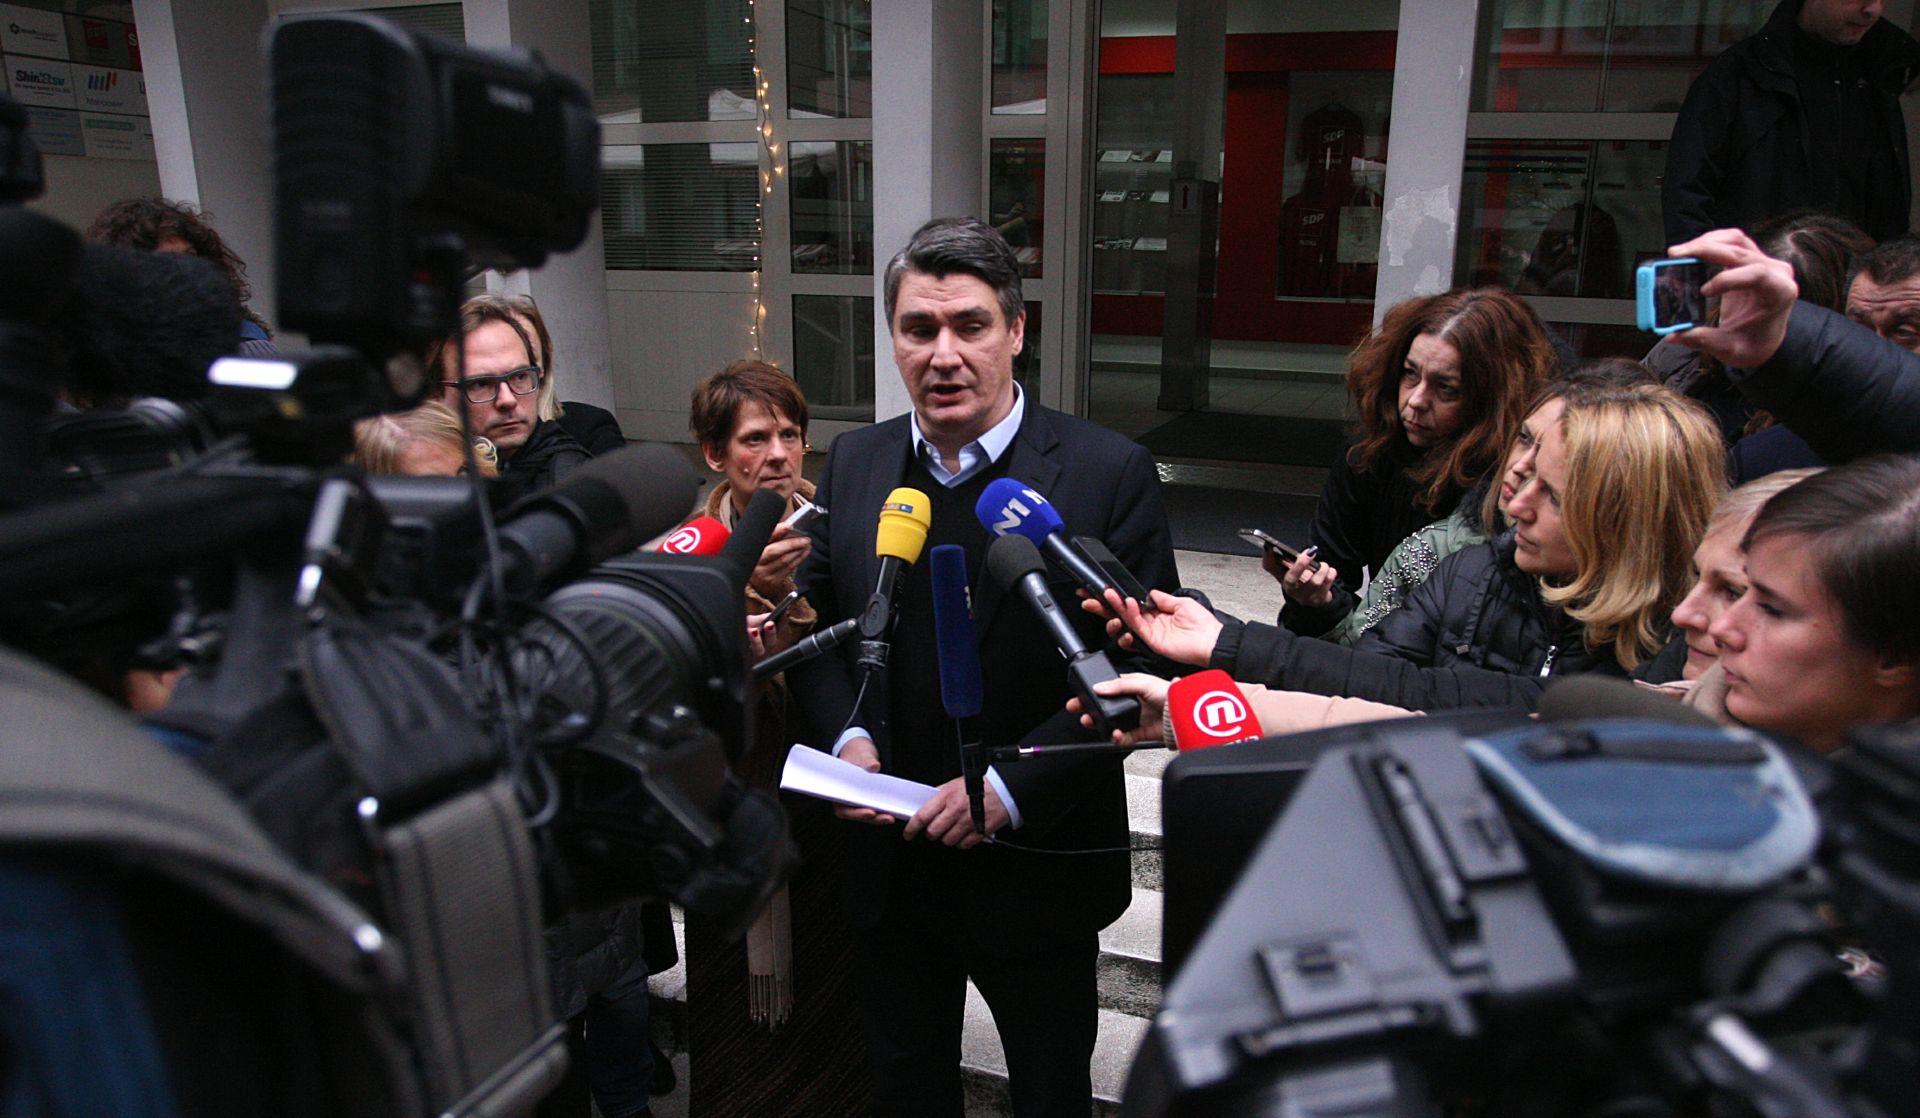 SJEDNICA GLAVNOG ODBORA: SDP ne prihvaća prijedlog velike koalicije